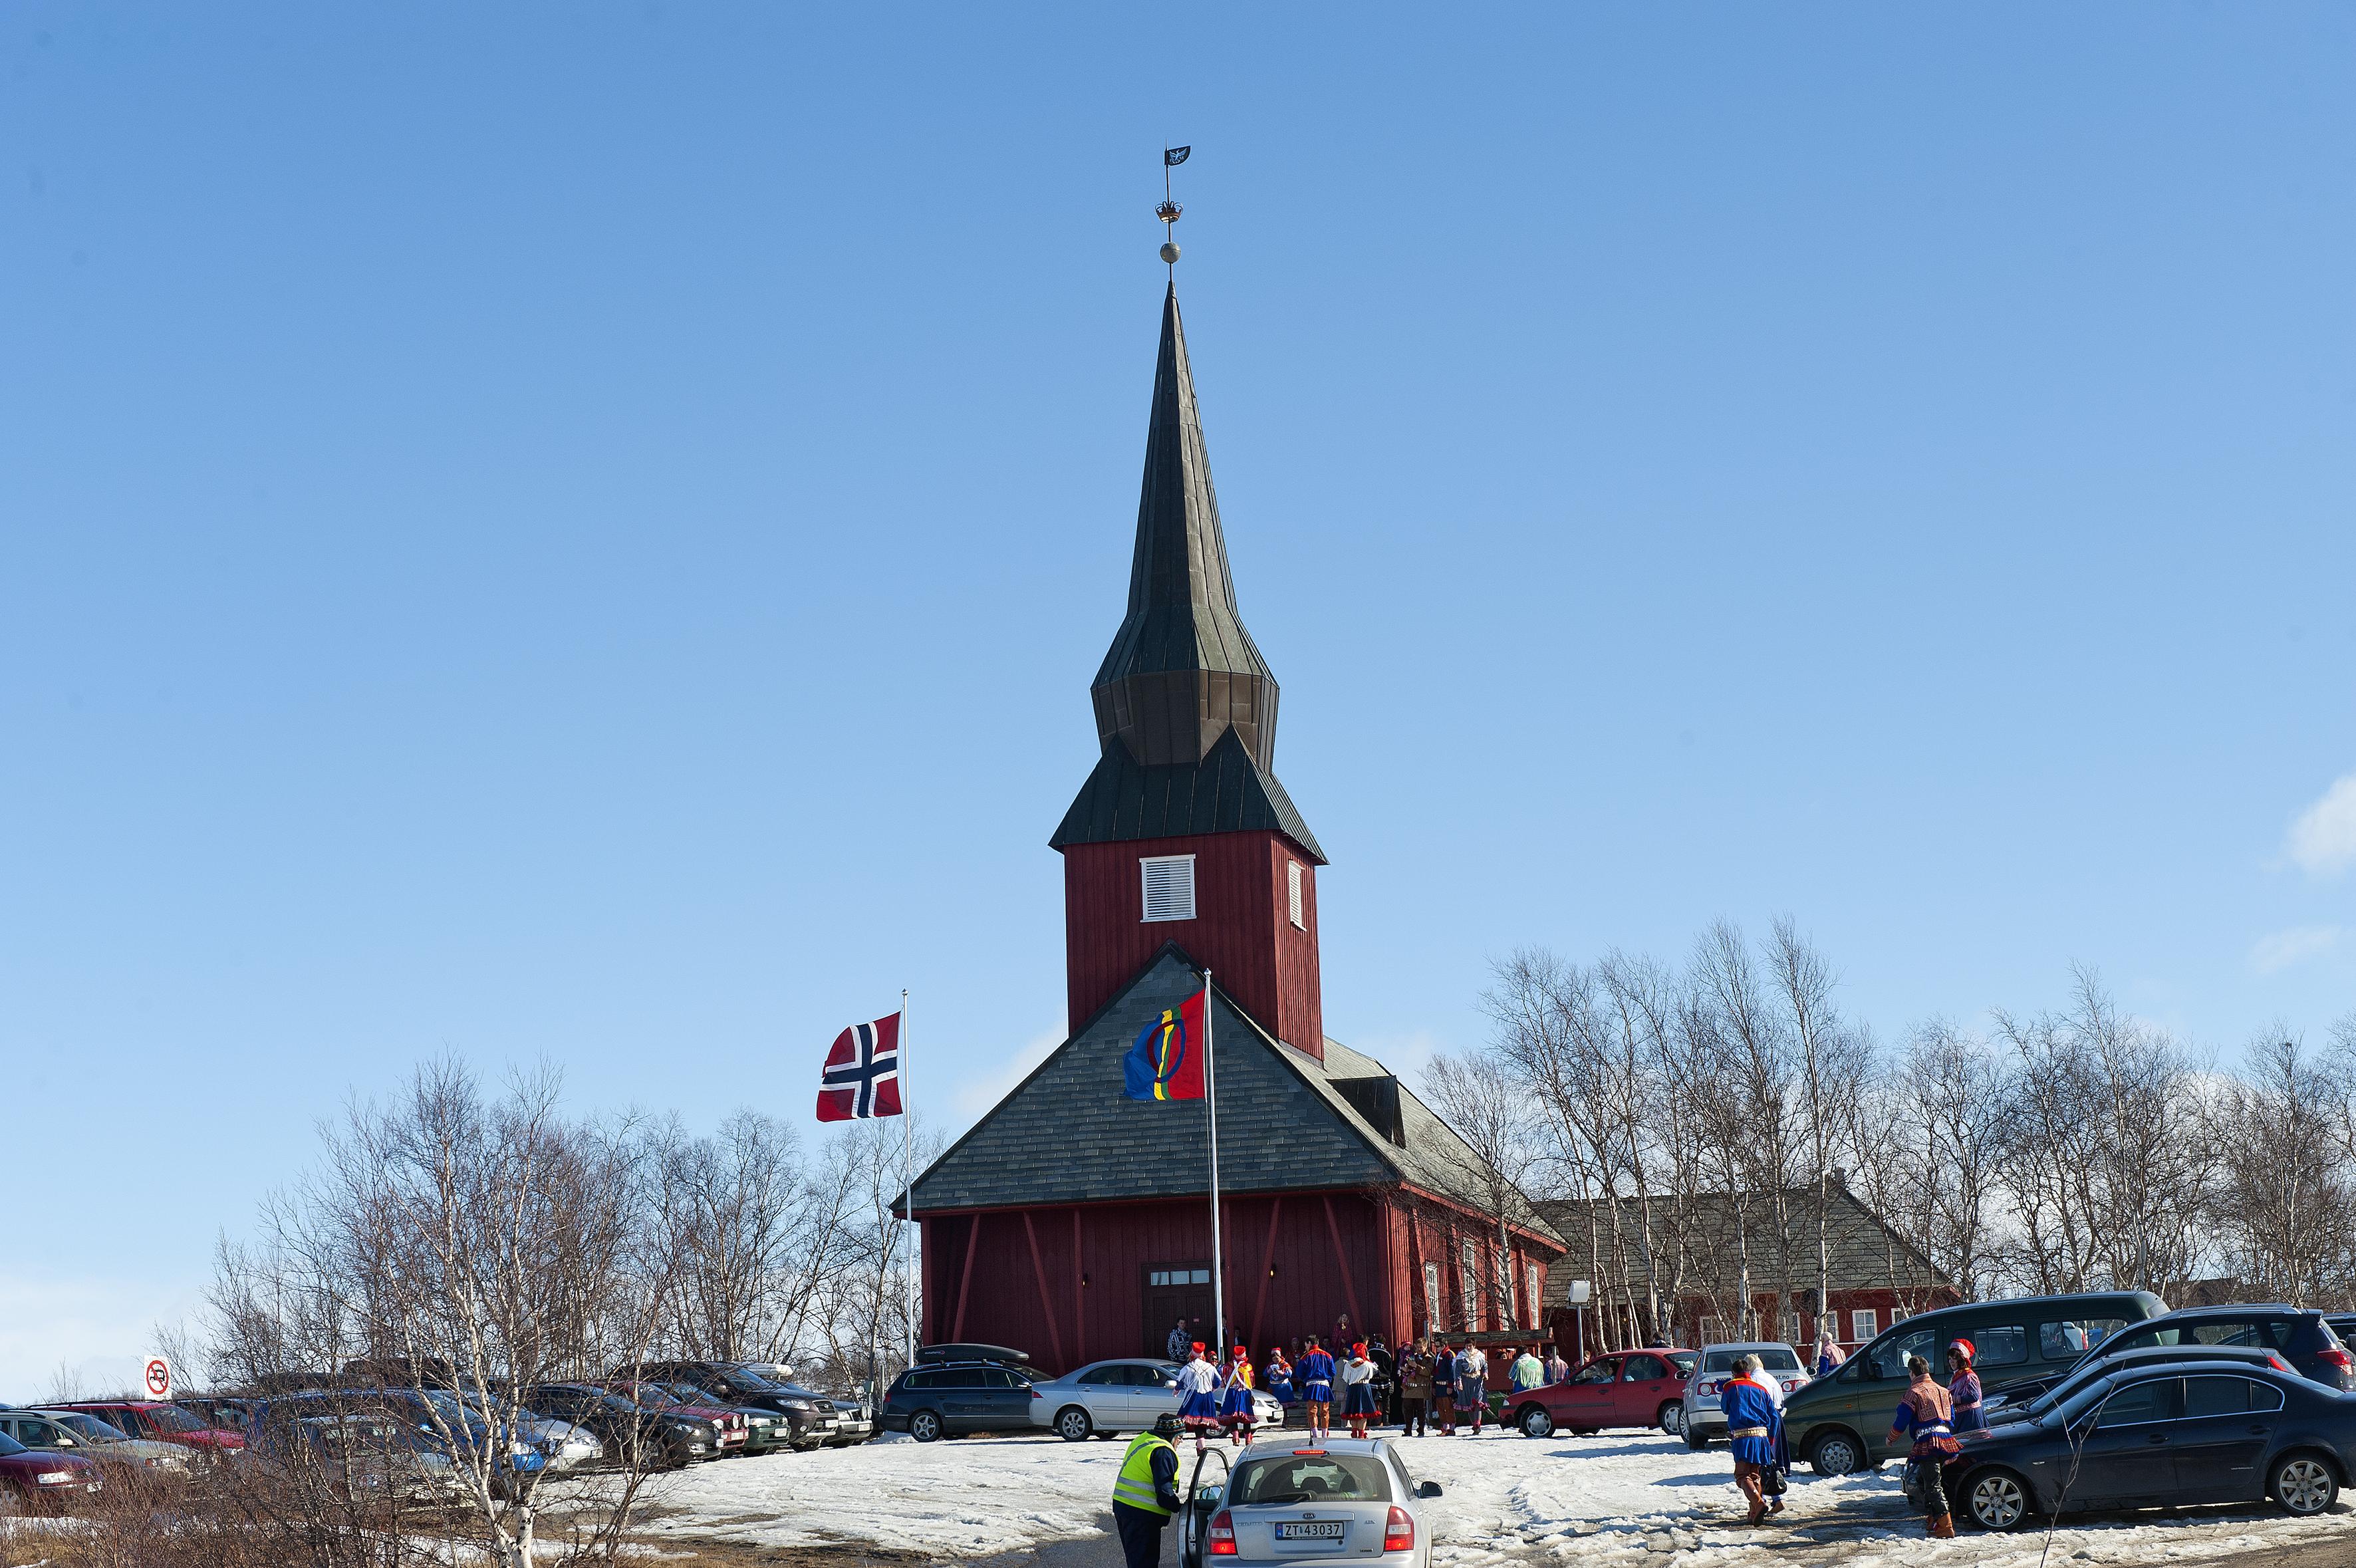 Palmelørdag er der konfirmation i Kautokeino kirke, både det norske og det samiske flag (det til højre) er hejst. Parkeringspladsen bliver fyldt af biler, og de mange mennesker er alle i de smukke samiske dragter. Der er kun et par af gæsterne der ikke har samisk dragt på.  80 – 90% kommunens indbyggere er også samer.